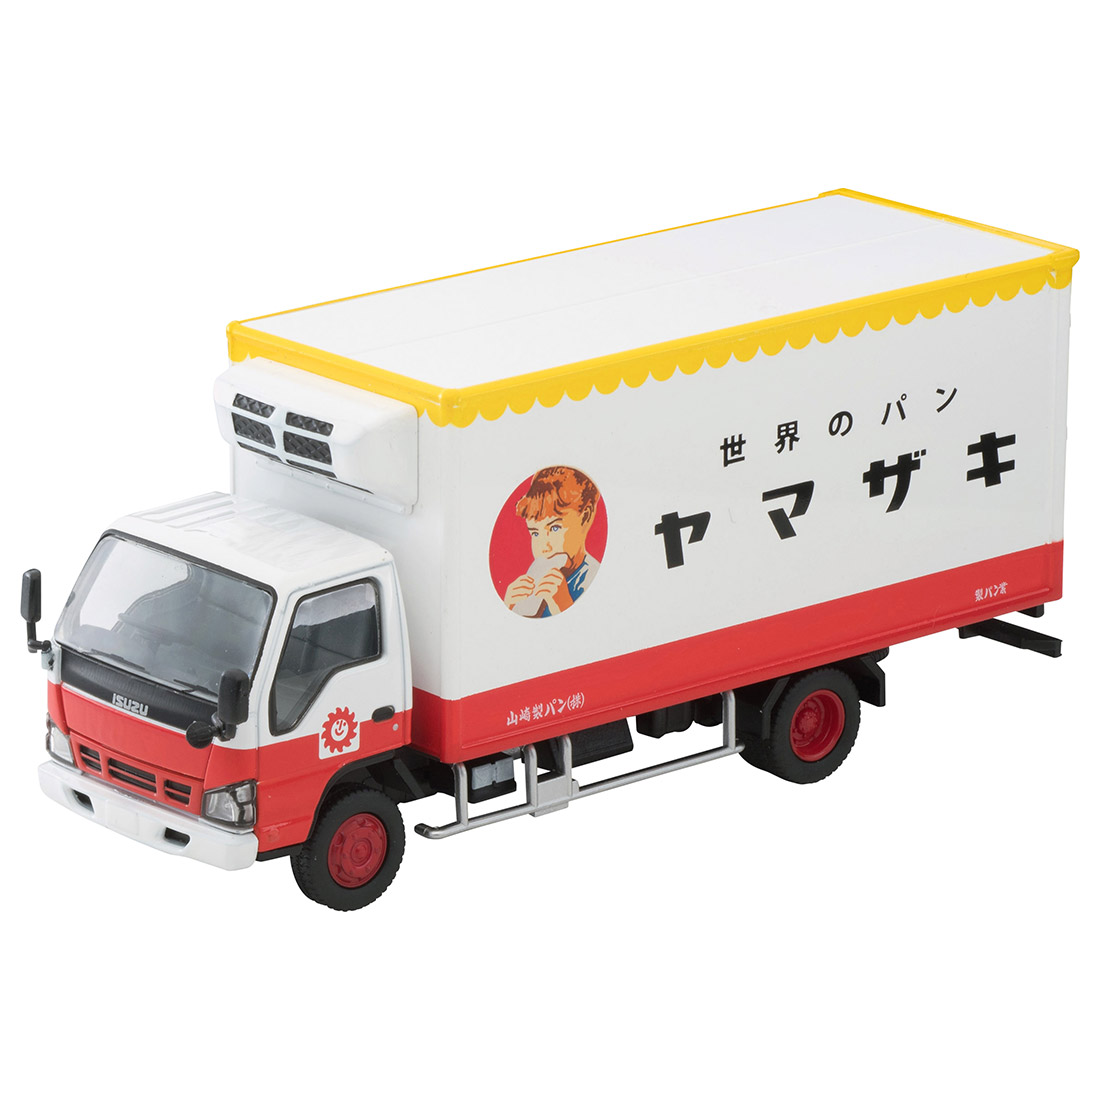 トミカリミテッドヴィンテージ ネオ LV-N195b『いすゞエルフ パネルバン(ヤマザキパン)』1/64 ミニカー-001